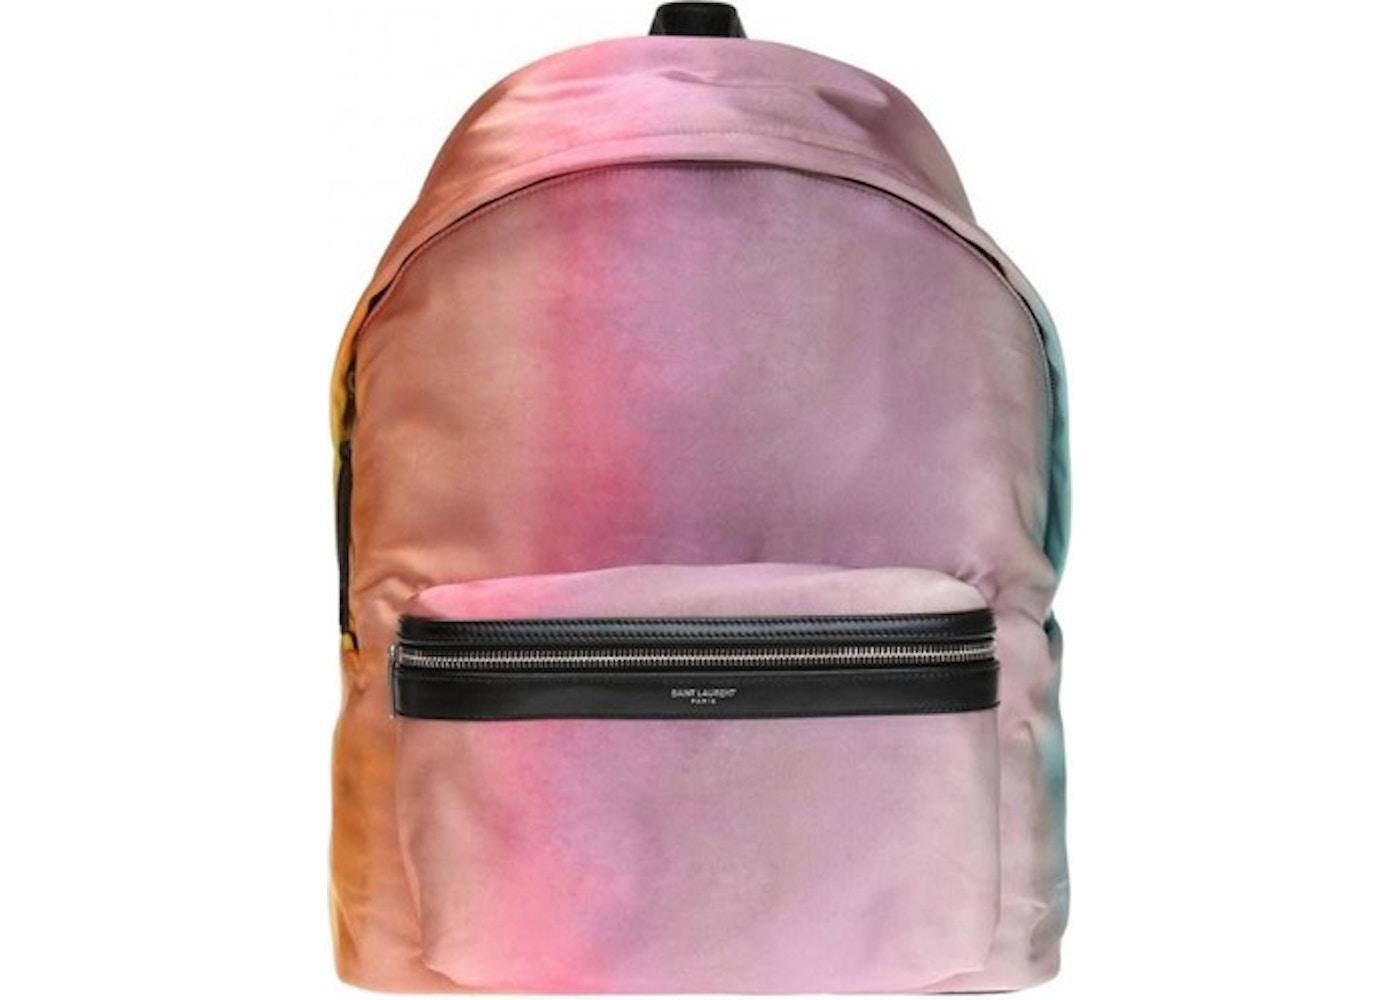 0f3ce71b Saint Laurent City Backpack Tie Dye Large Multicolor. Tie Dye Large  Multicolor